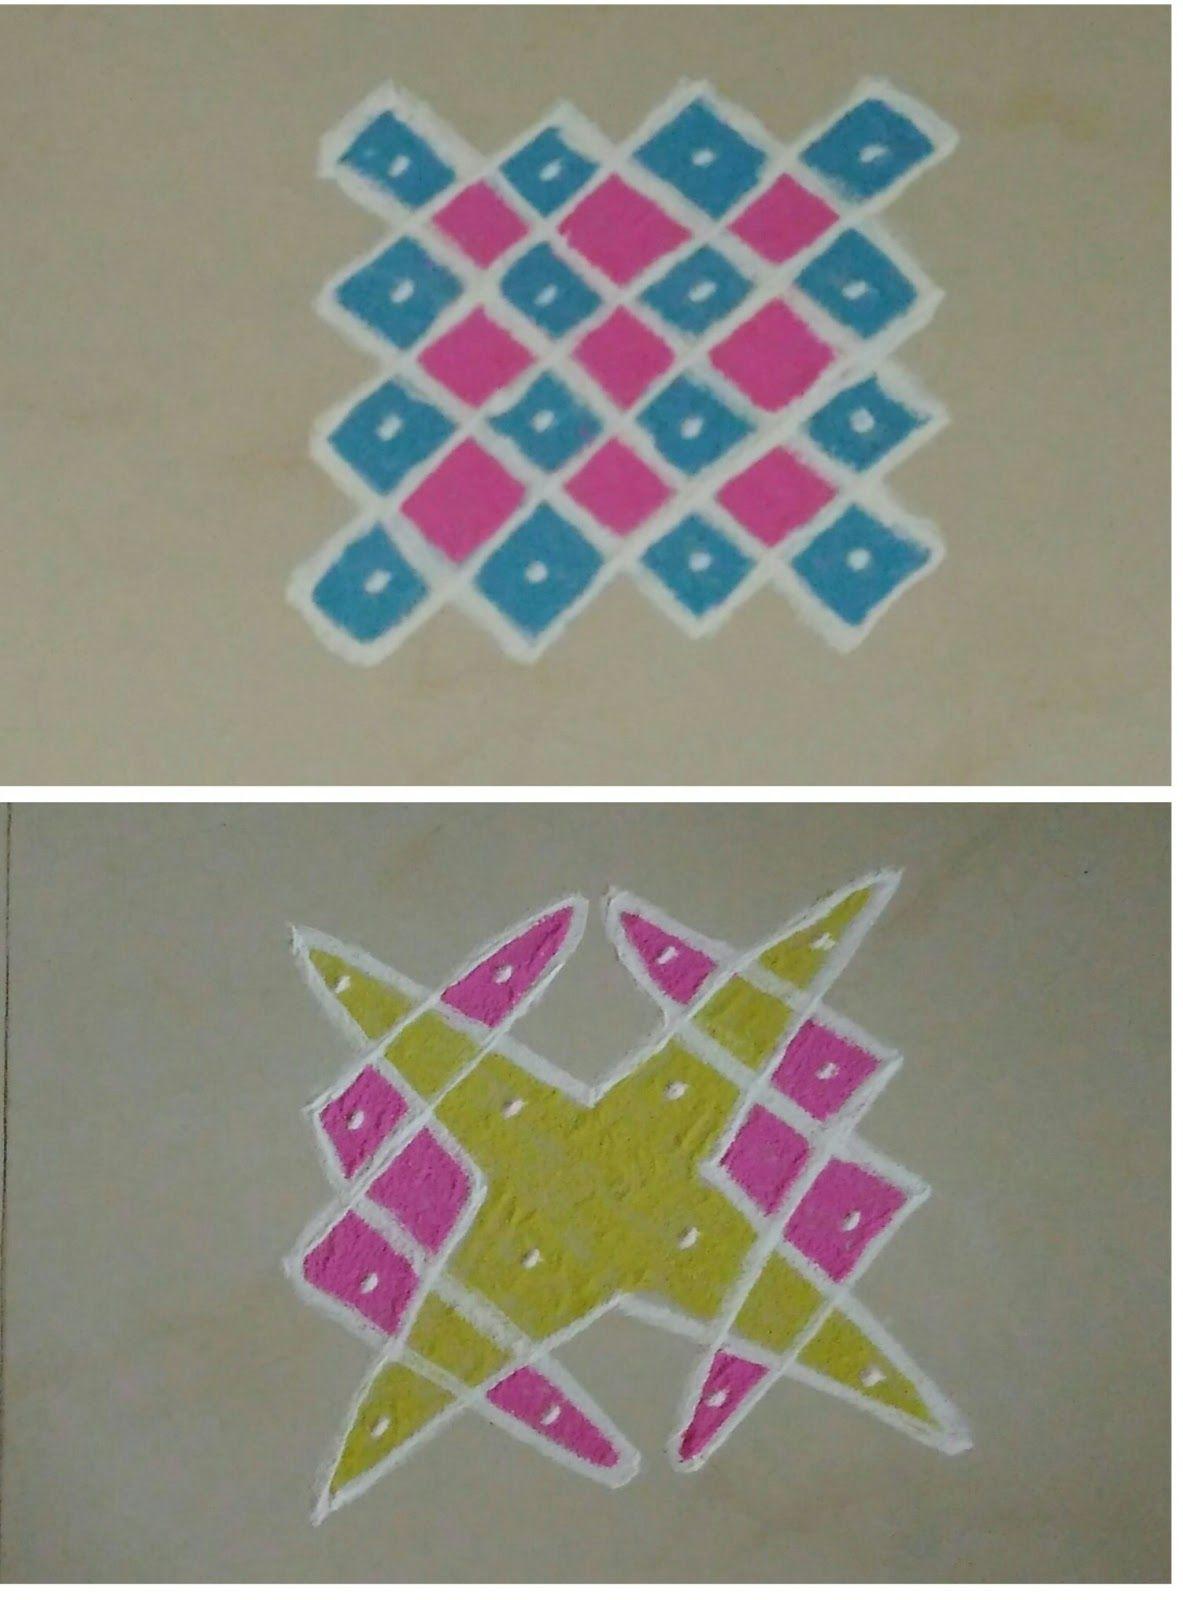 Begginer S Kolam Another Set Of 4 4 Dots Kolam I Am Sharing As